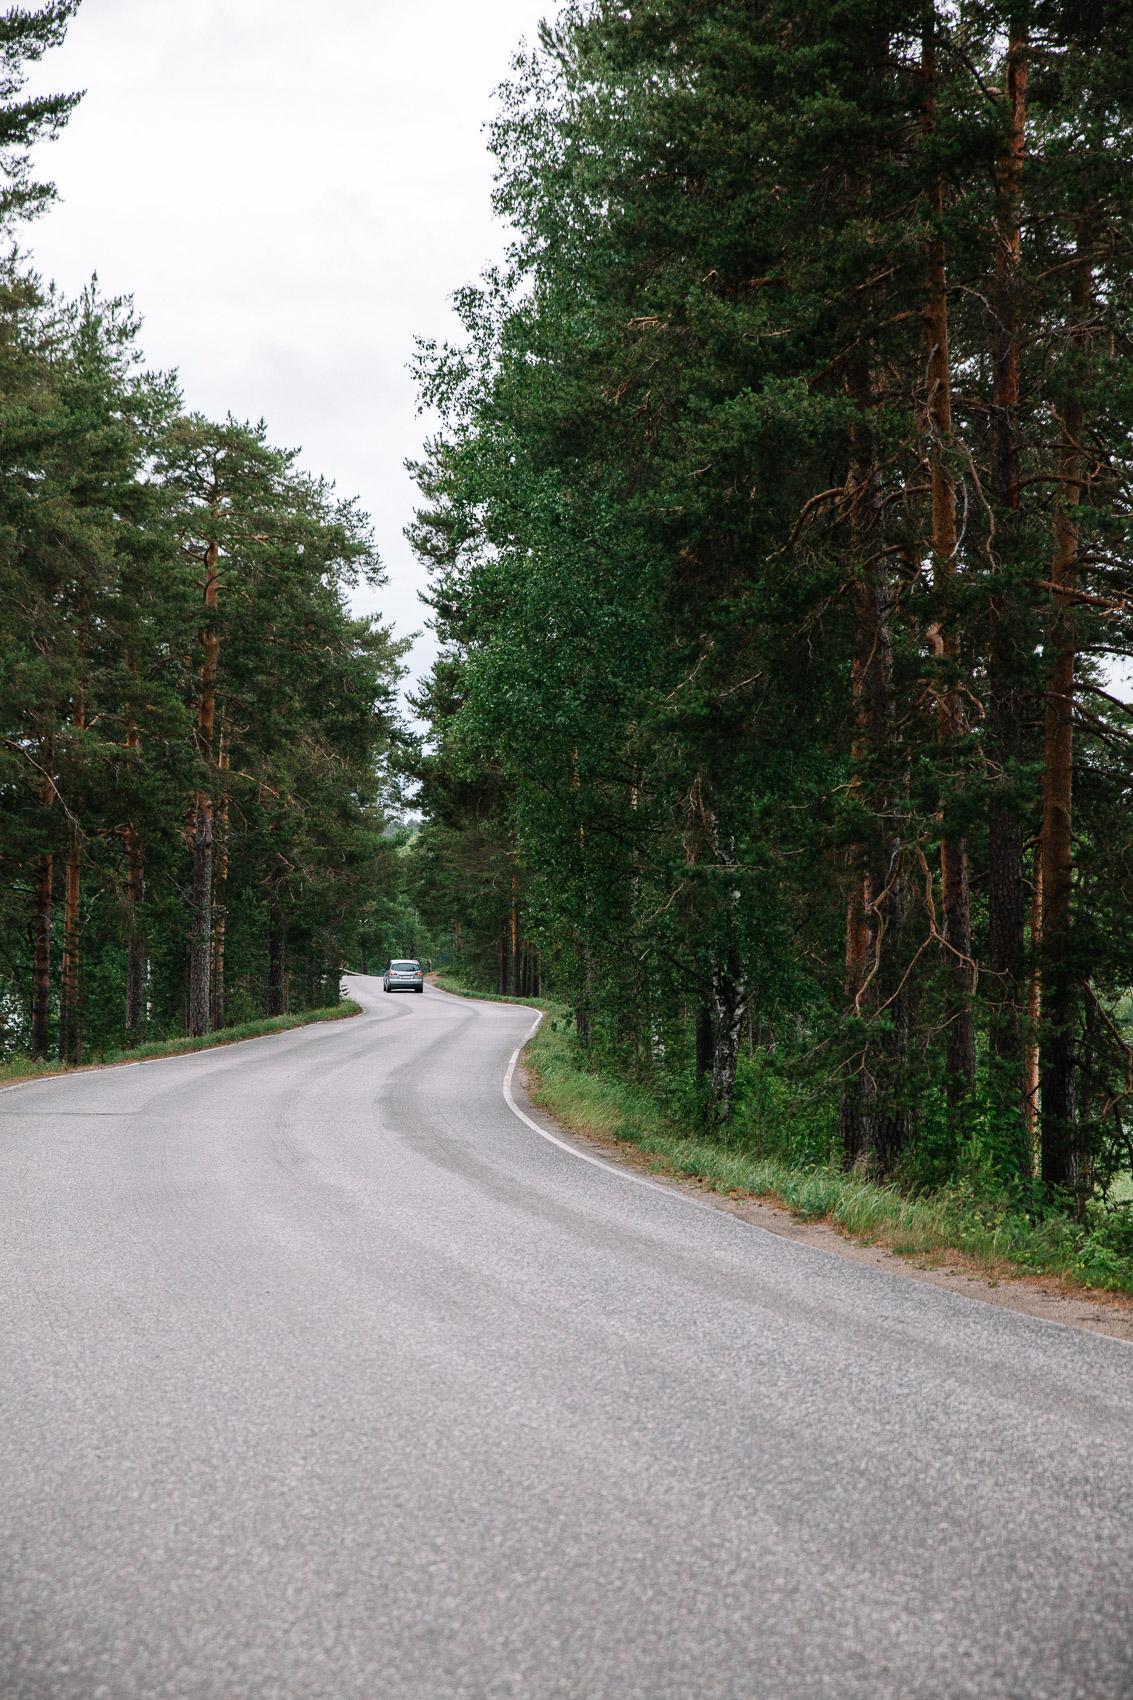 Punkaharju road